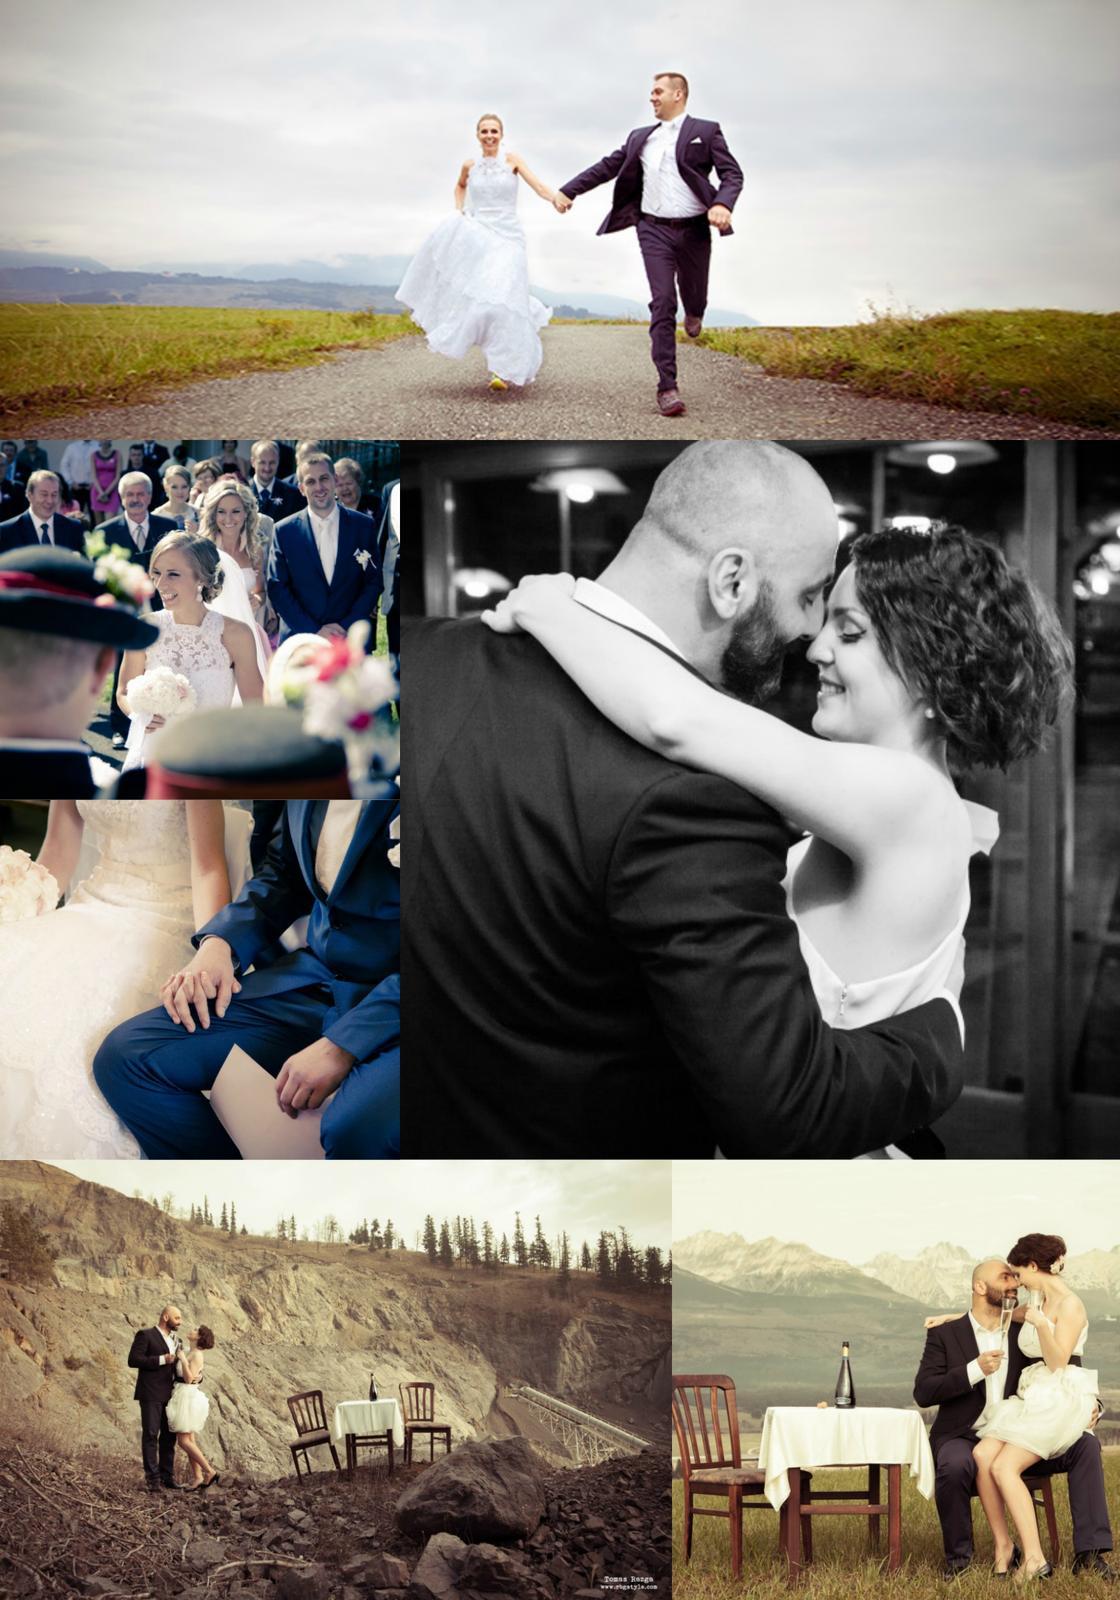 Svadba s RBG STYLE Hľadáte... - Obrázok č. 1